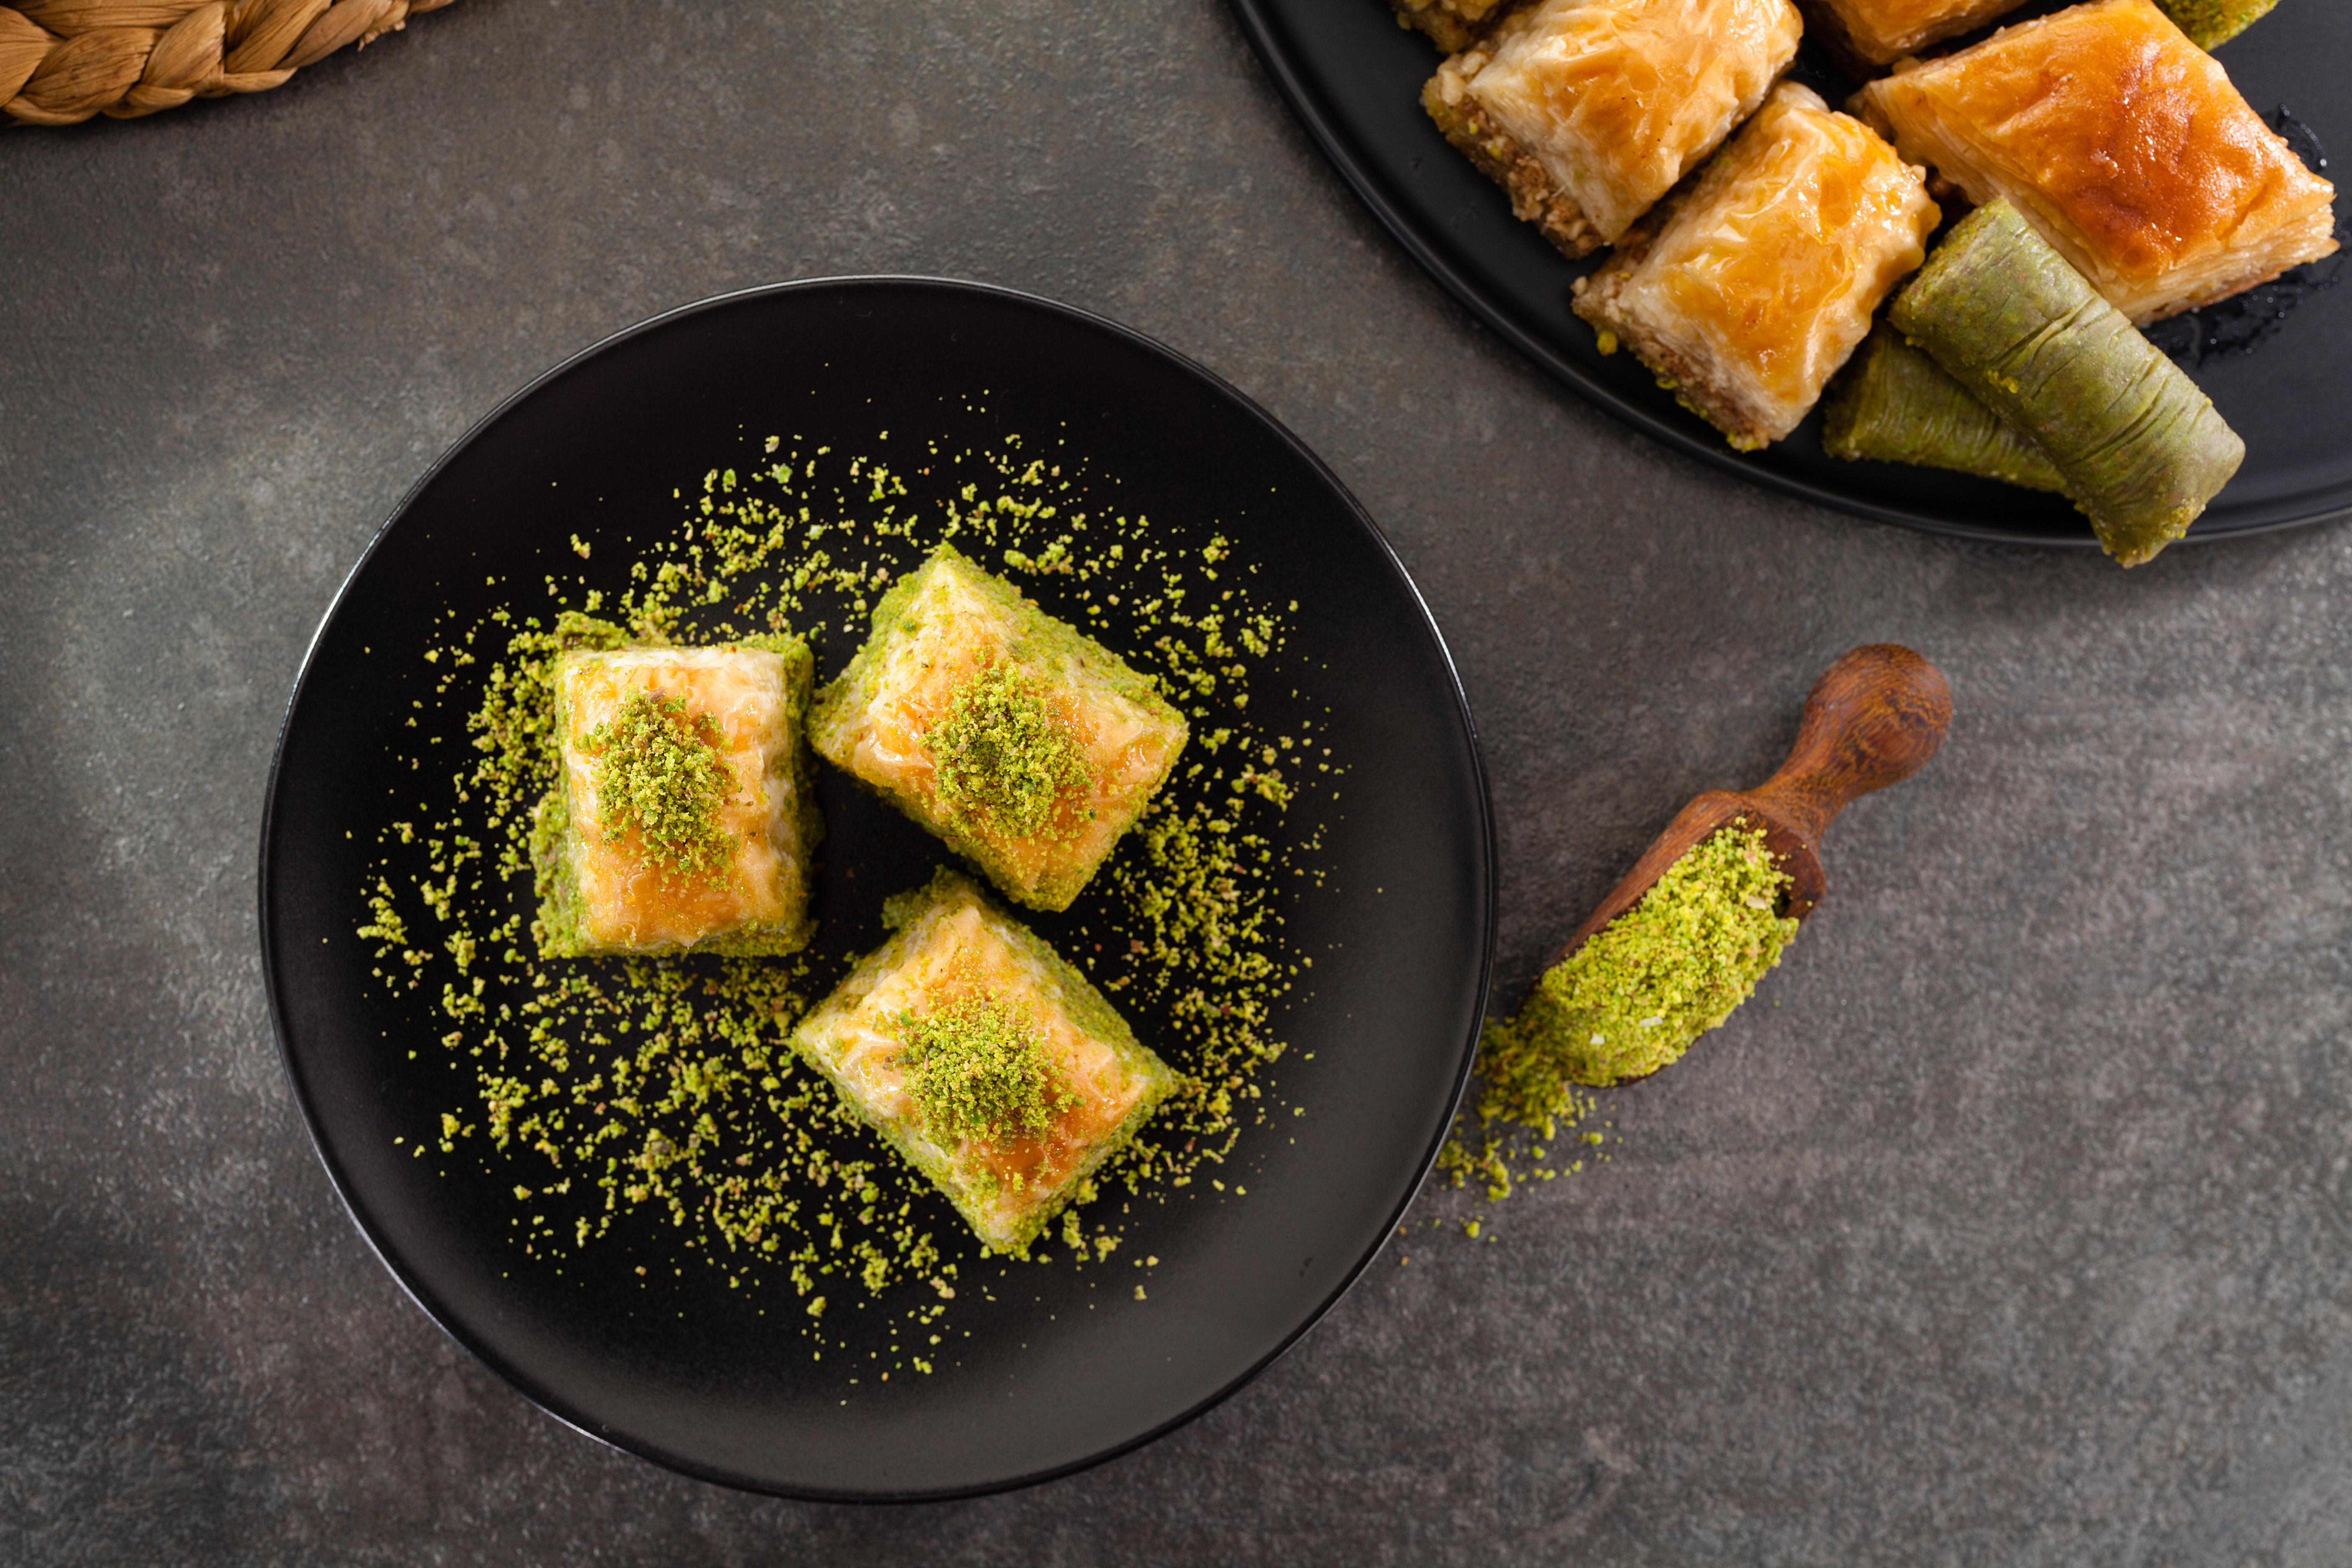 Disfrutando de la gastronomía turca - Turquía Circuito Estambul y Capadocia